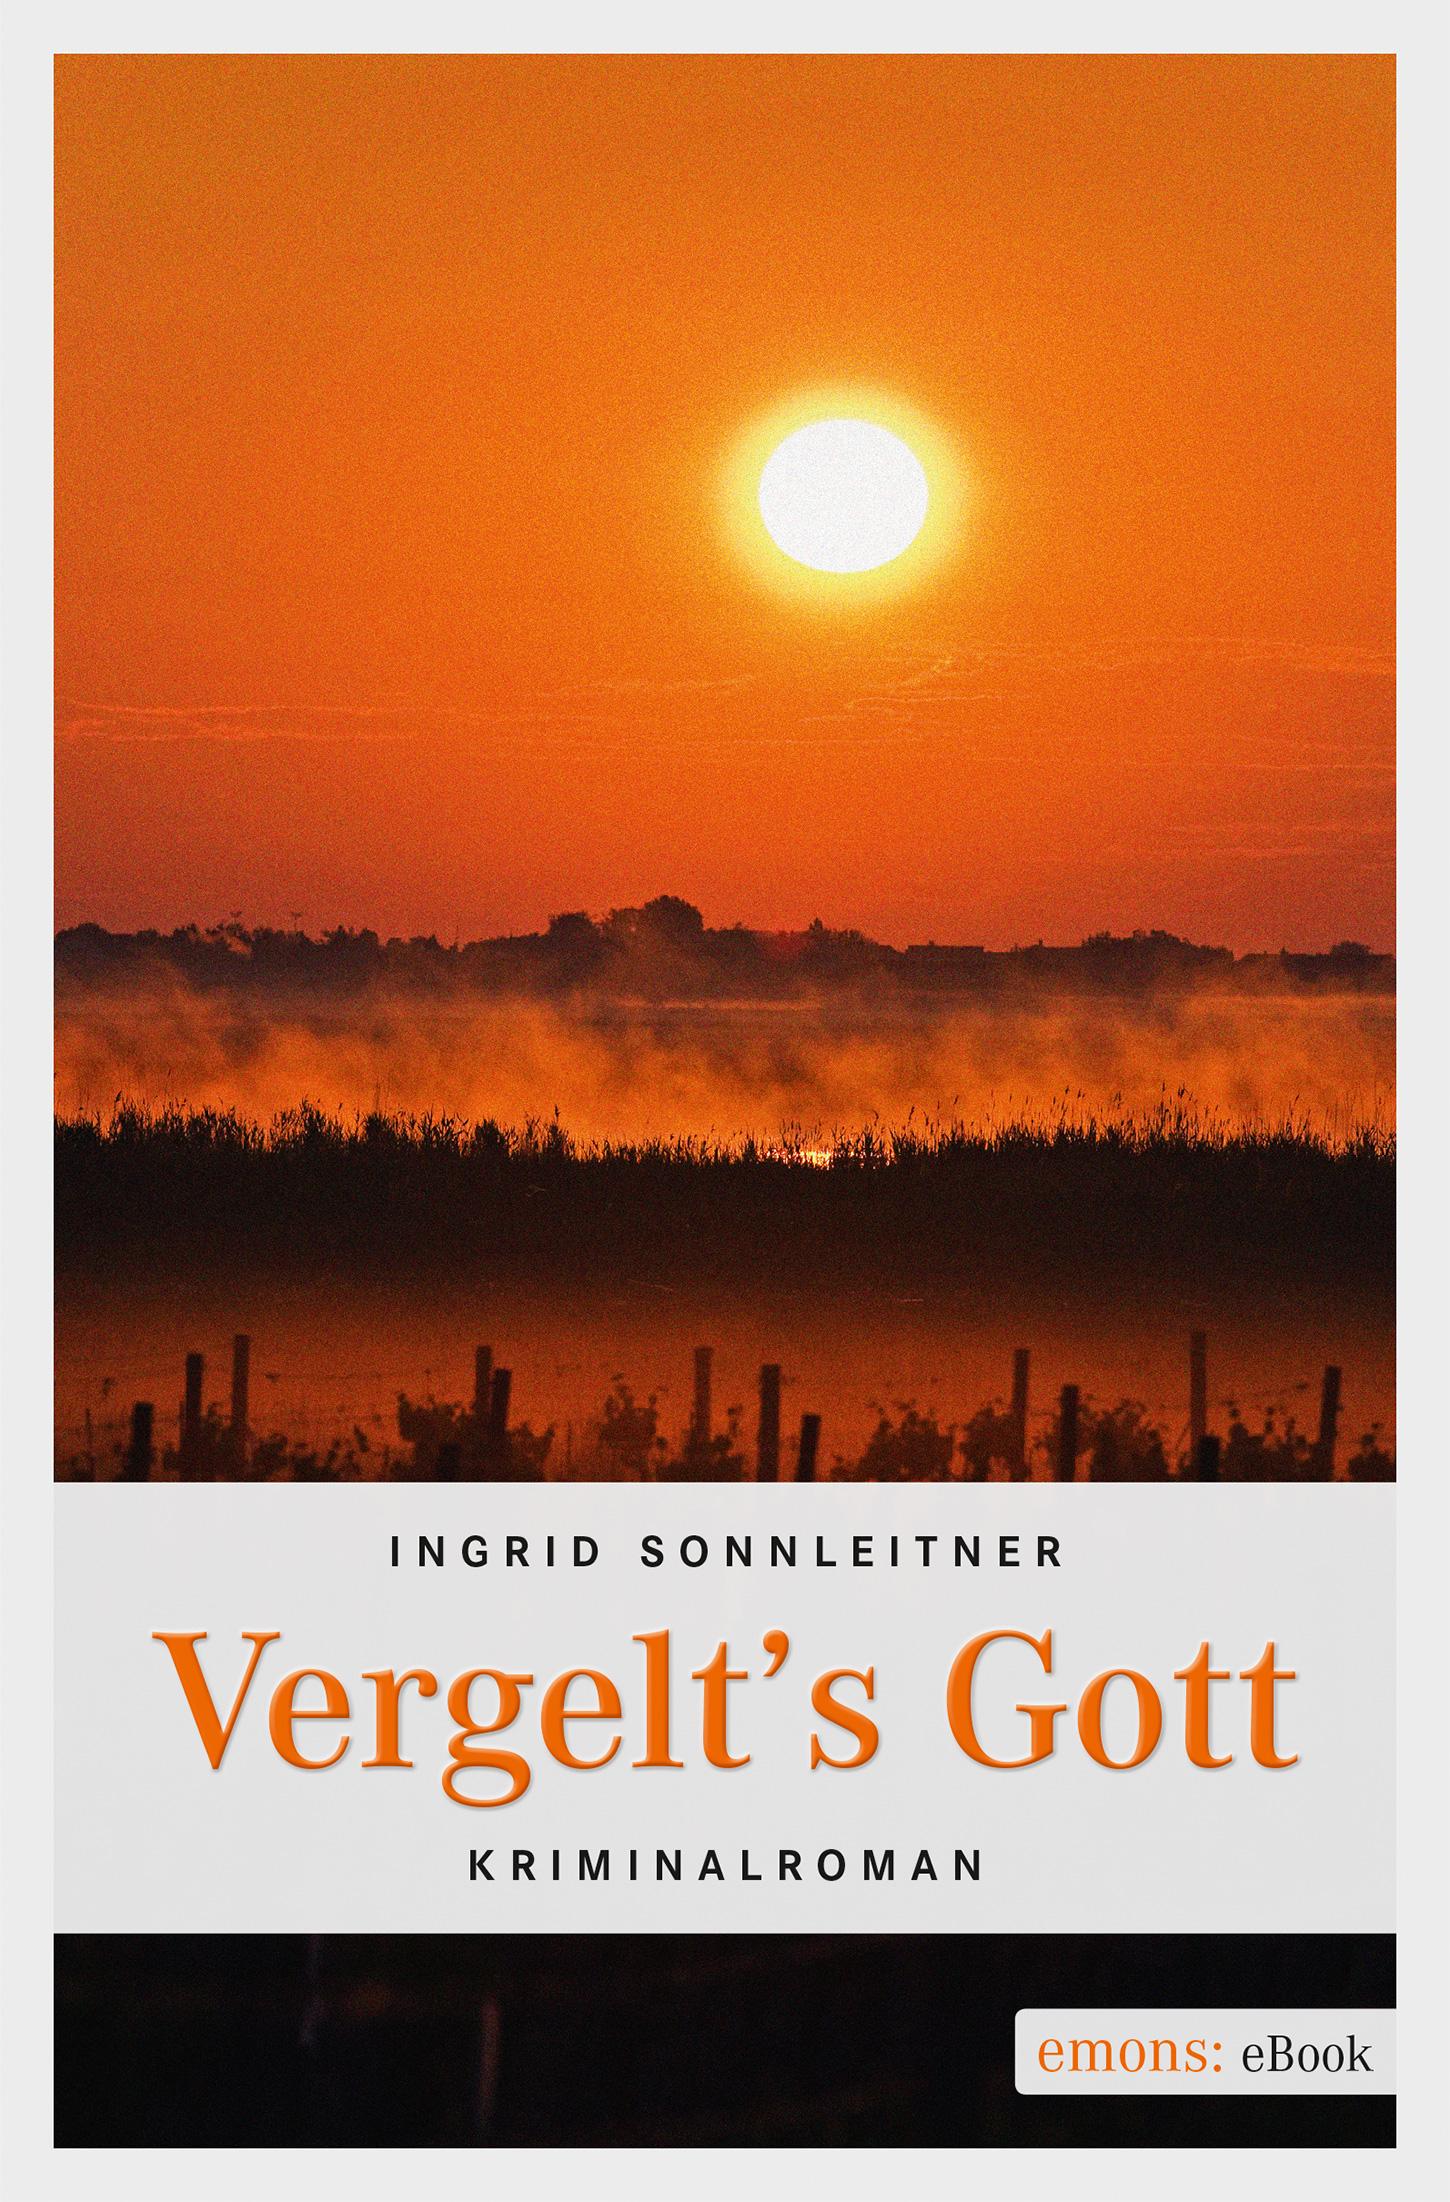 Ingrid Sonnleitner Vergelt's Gott ahne zwiegespräche mit gott